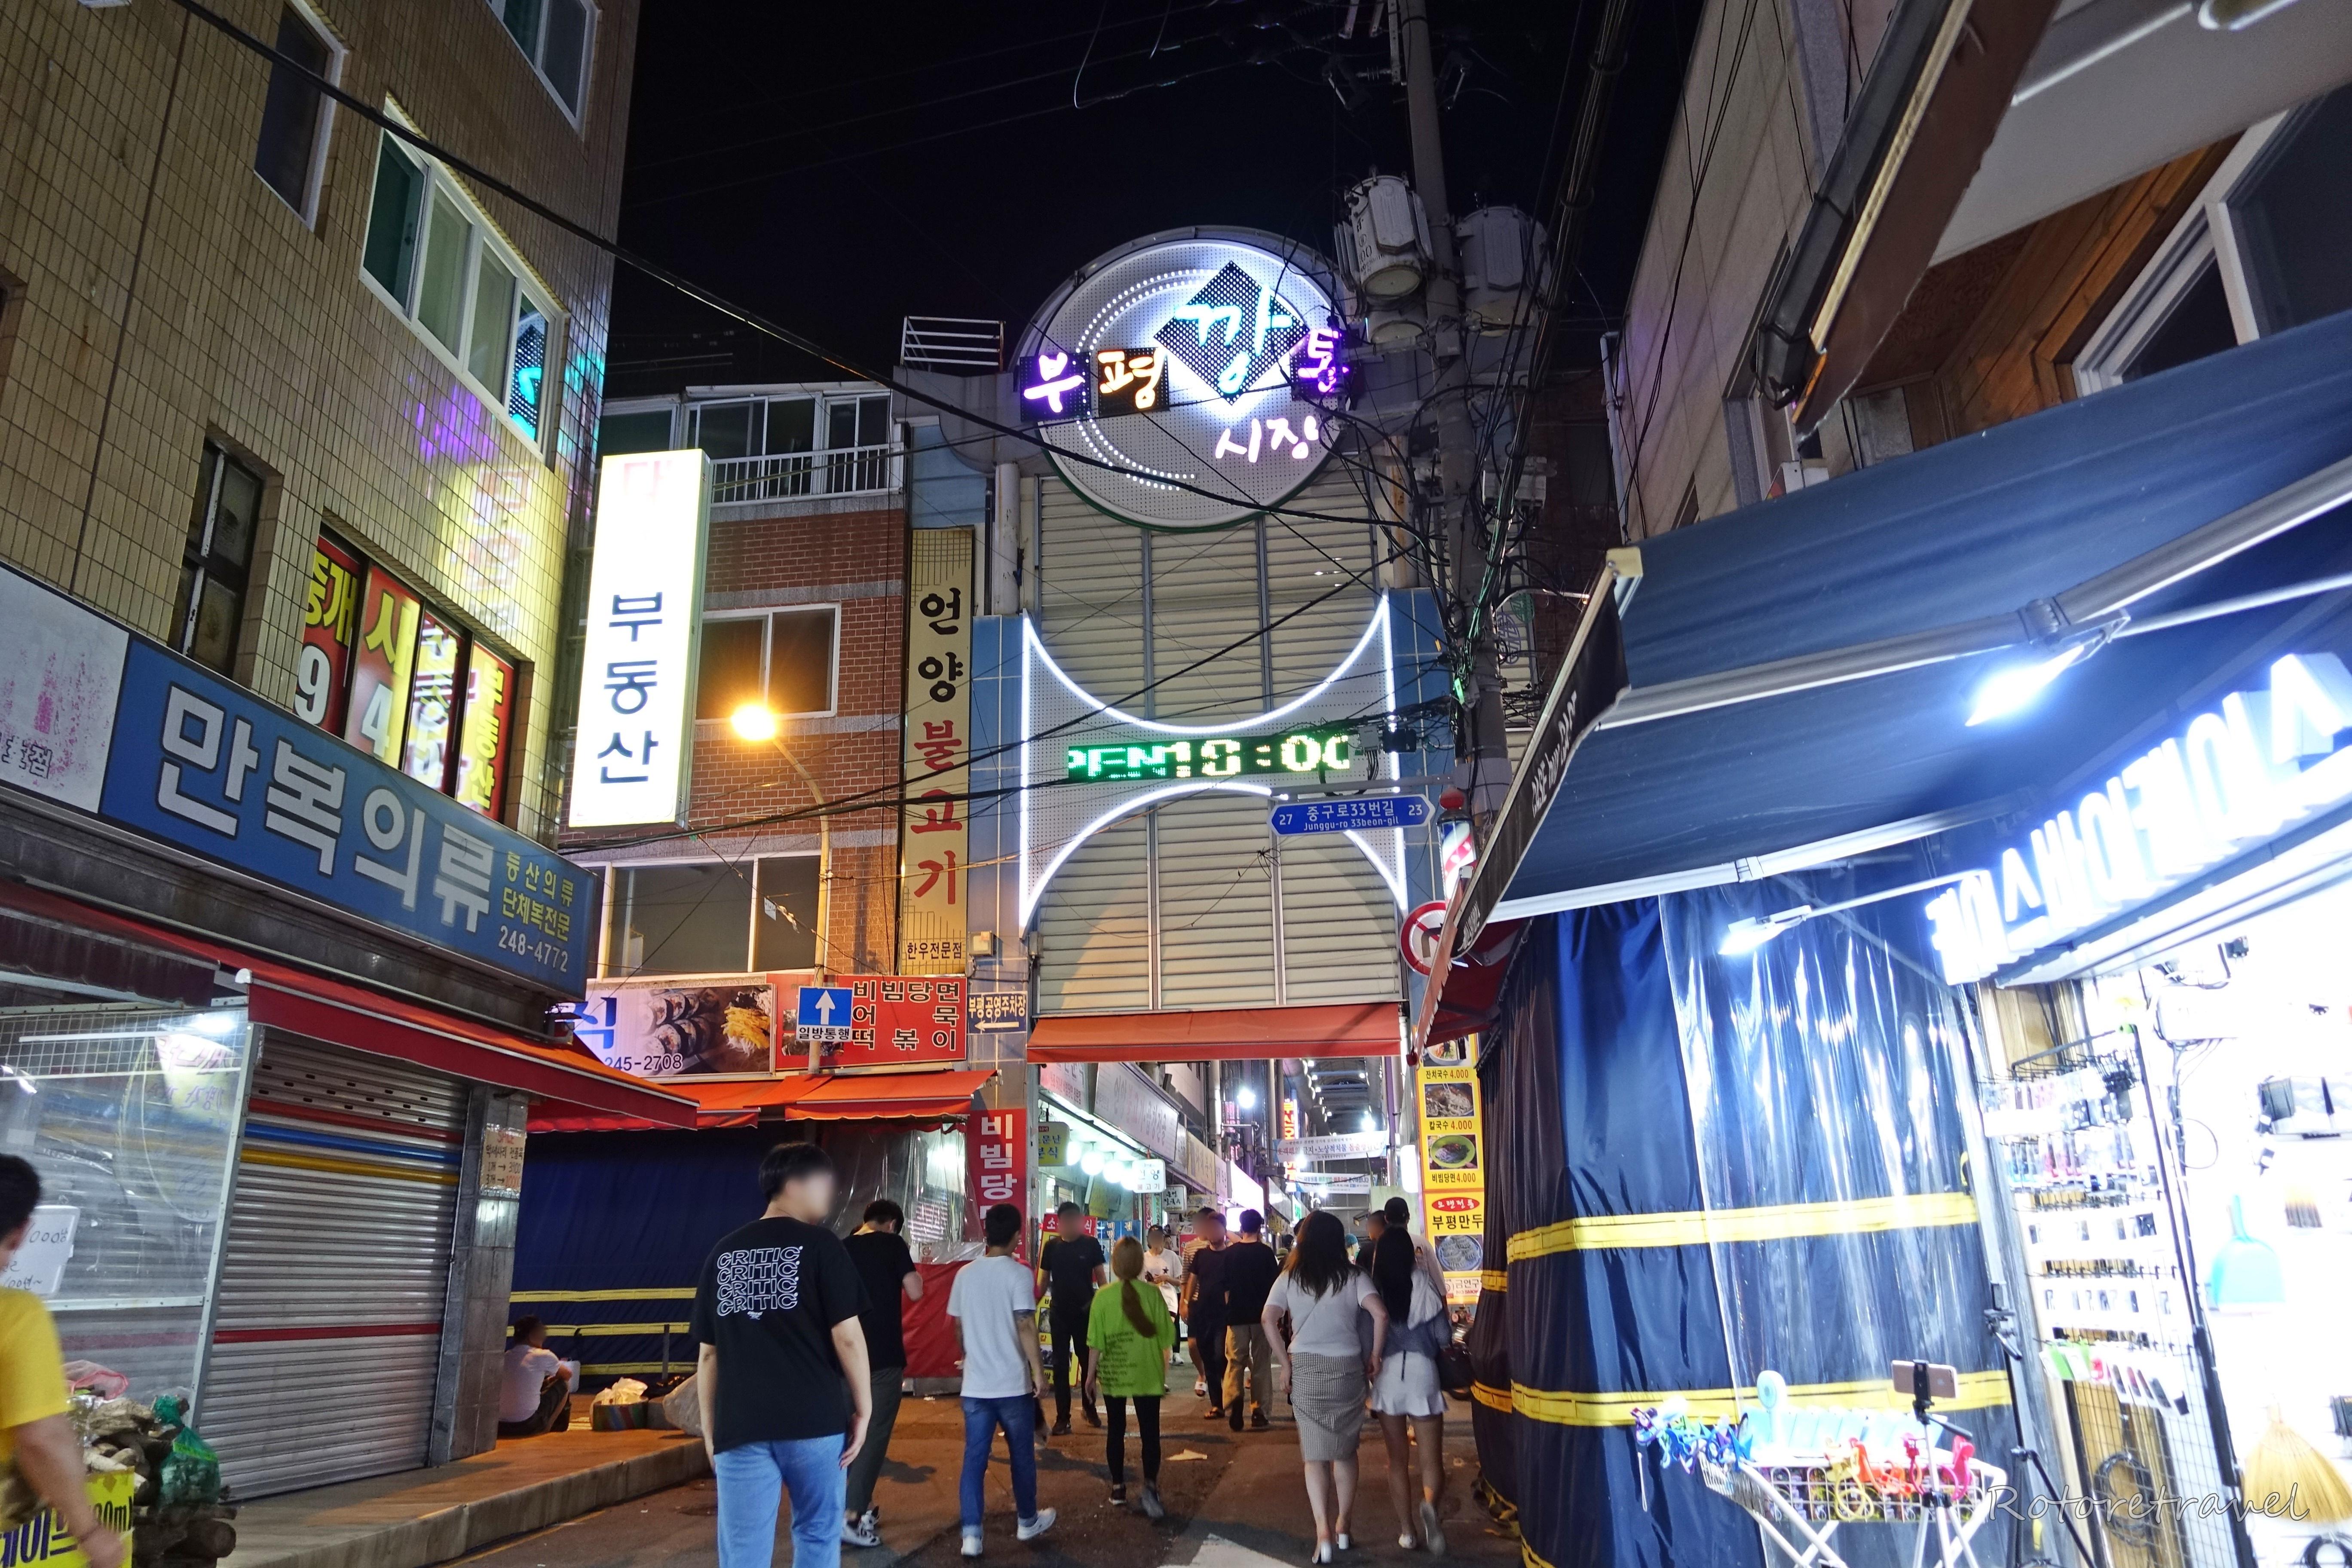 【韓国・釜山(女一人旅)】ホルモンからワッフルまである!夜の富平カントン市場で食べ